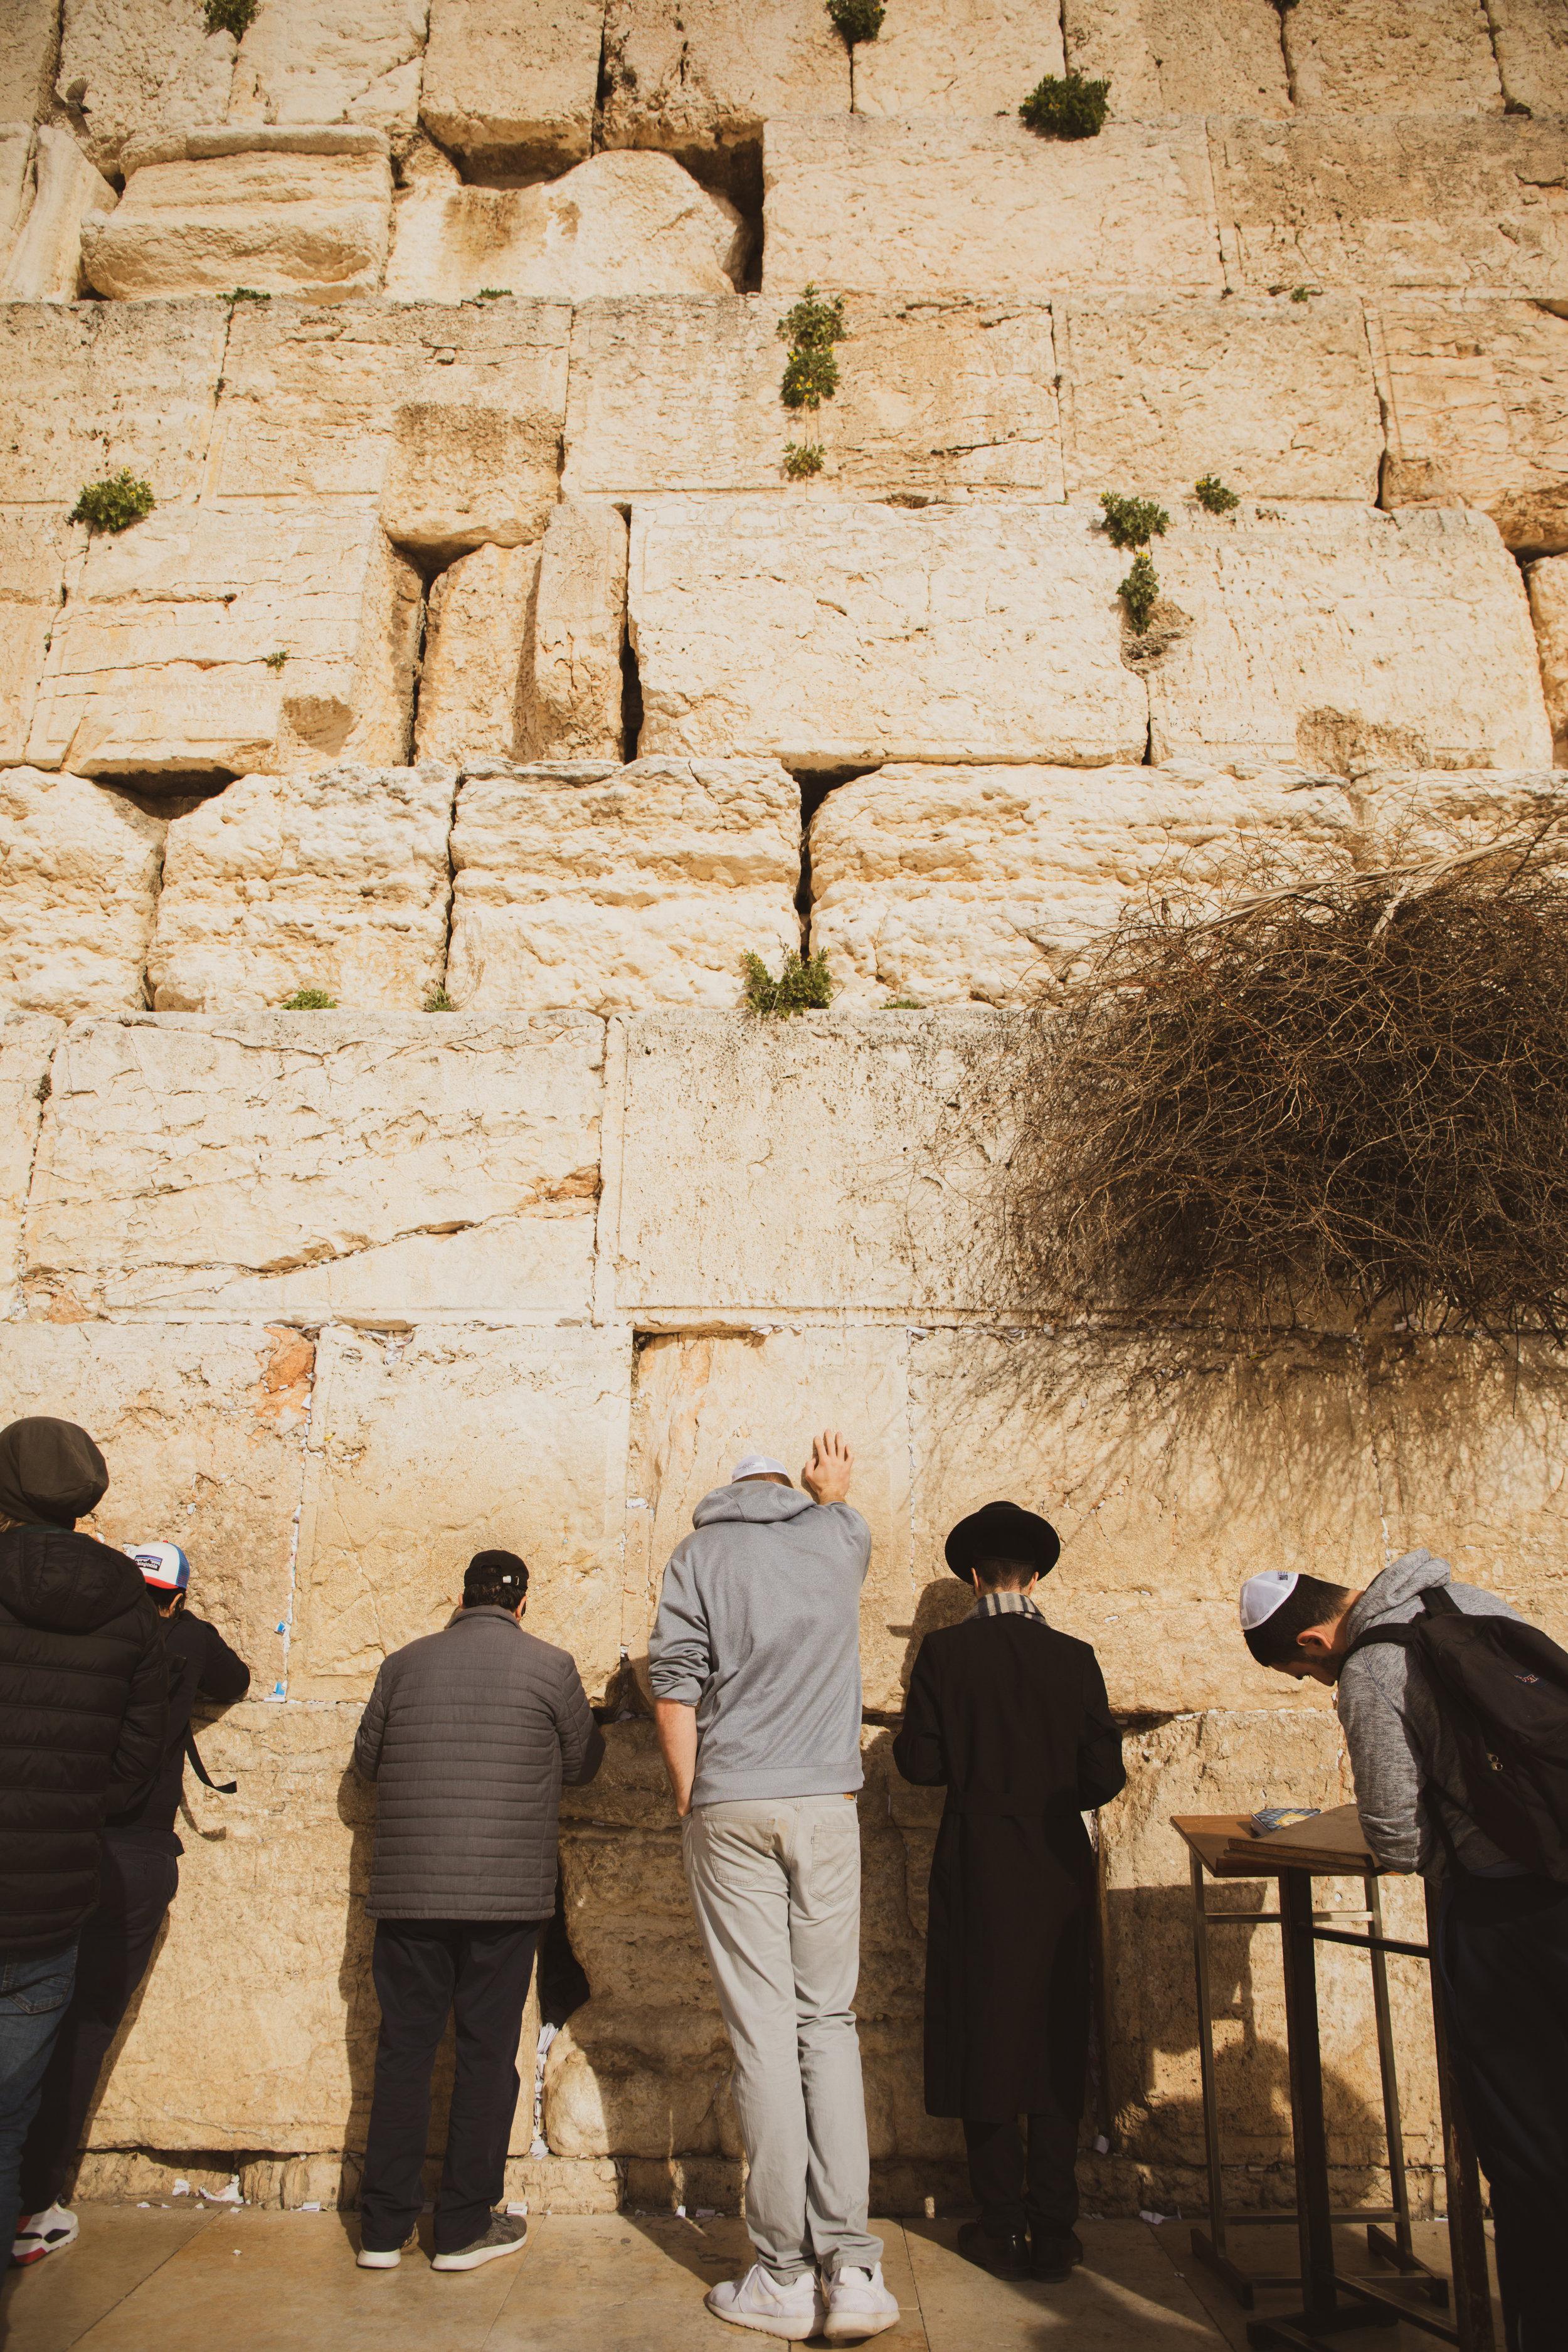 Israel_136.jpg